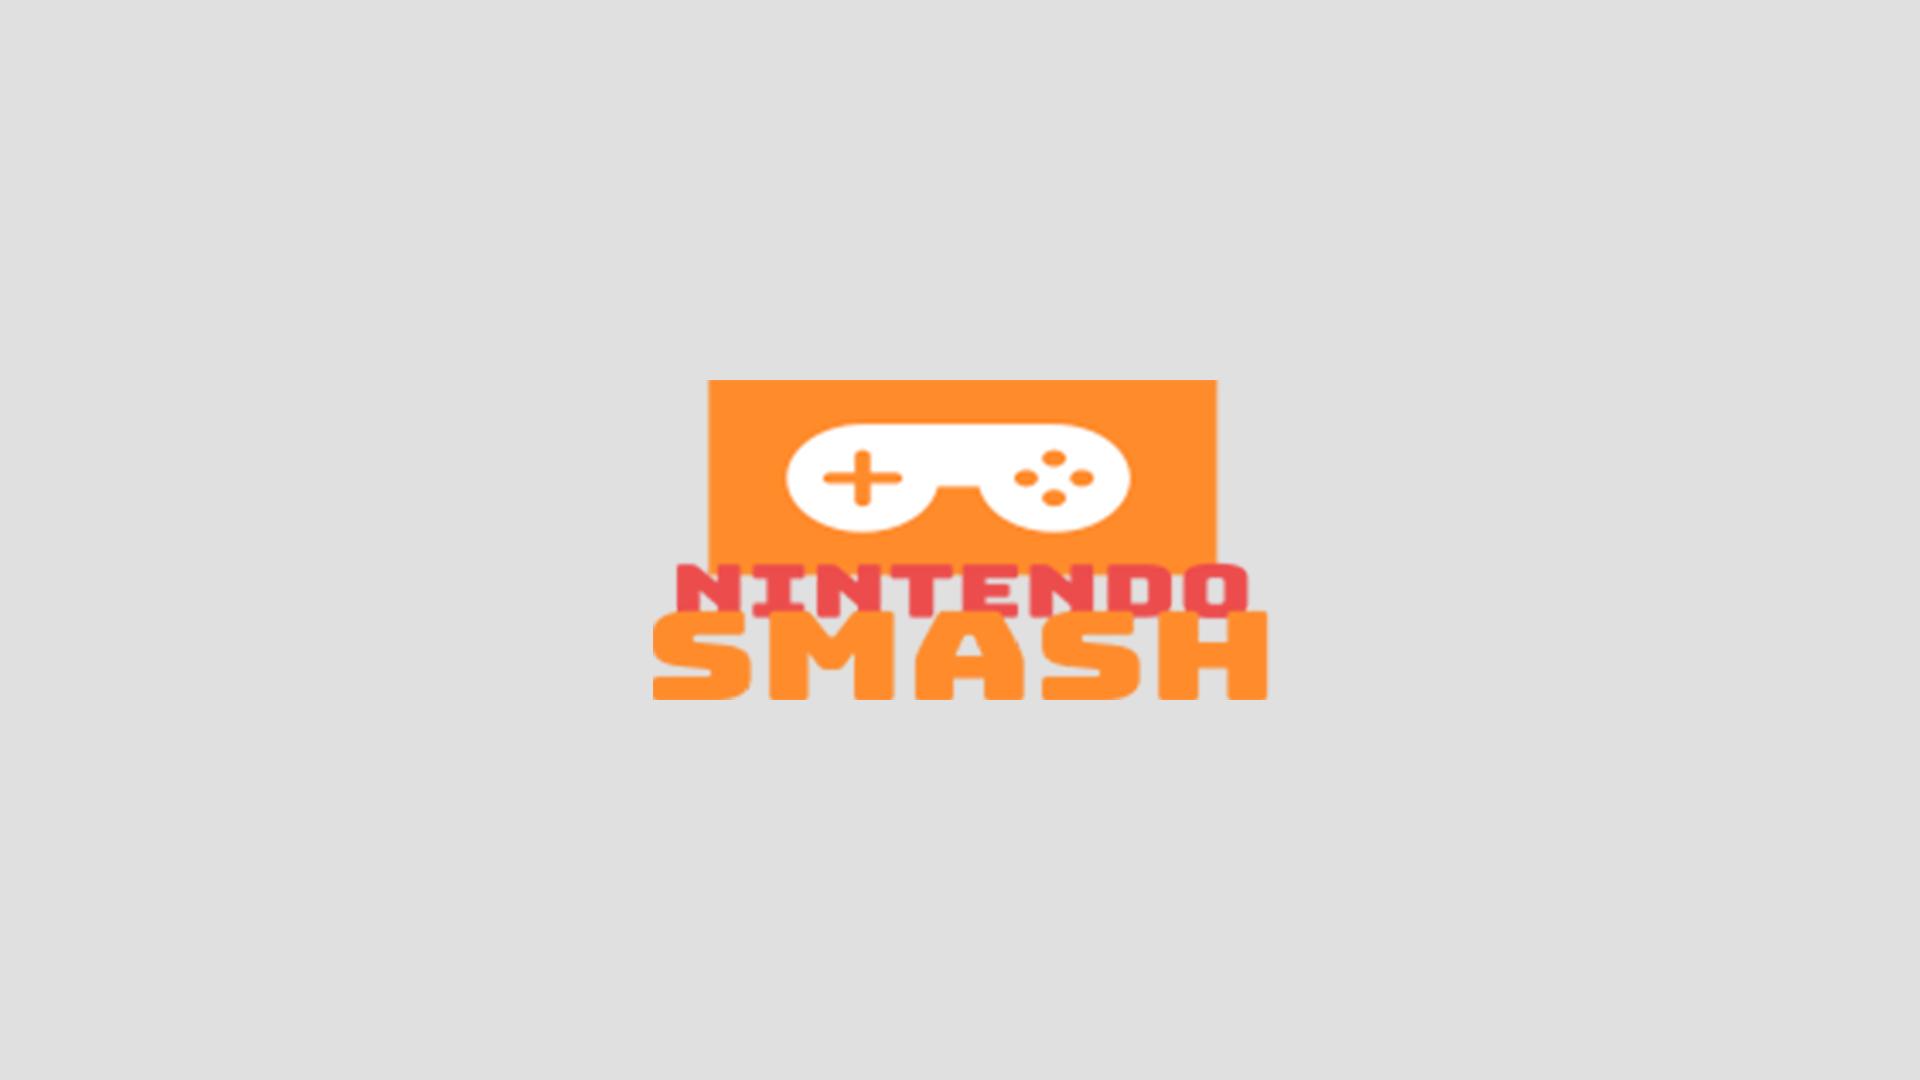 nintendo-smash-logo